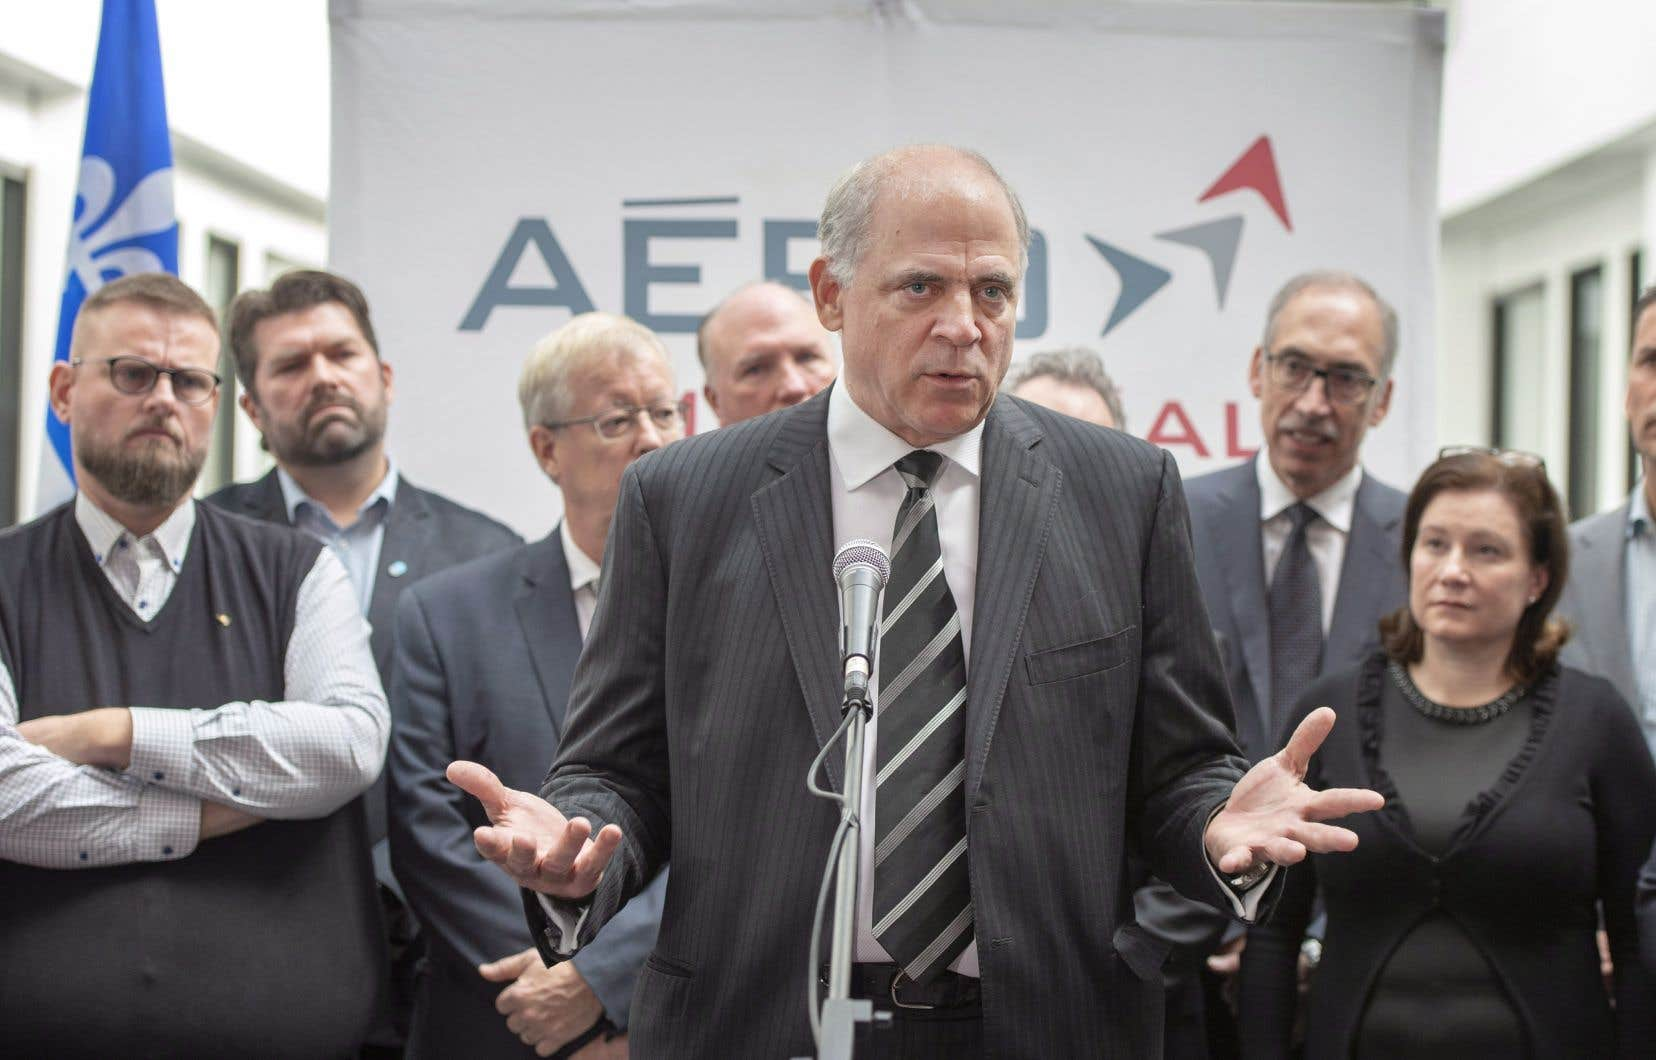 Le ministre de l'Économie Pierre Fitzgibbon a dit vouloir travailler avec la multinationale afin de «prévenir les coups» et d'agir de manière proactive.